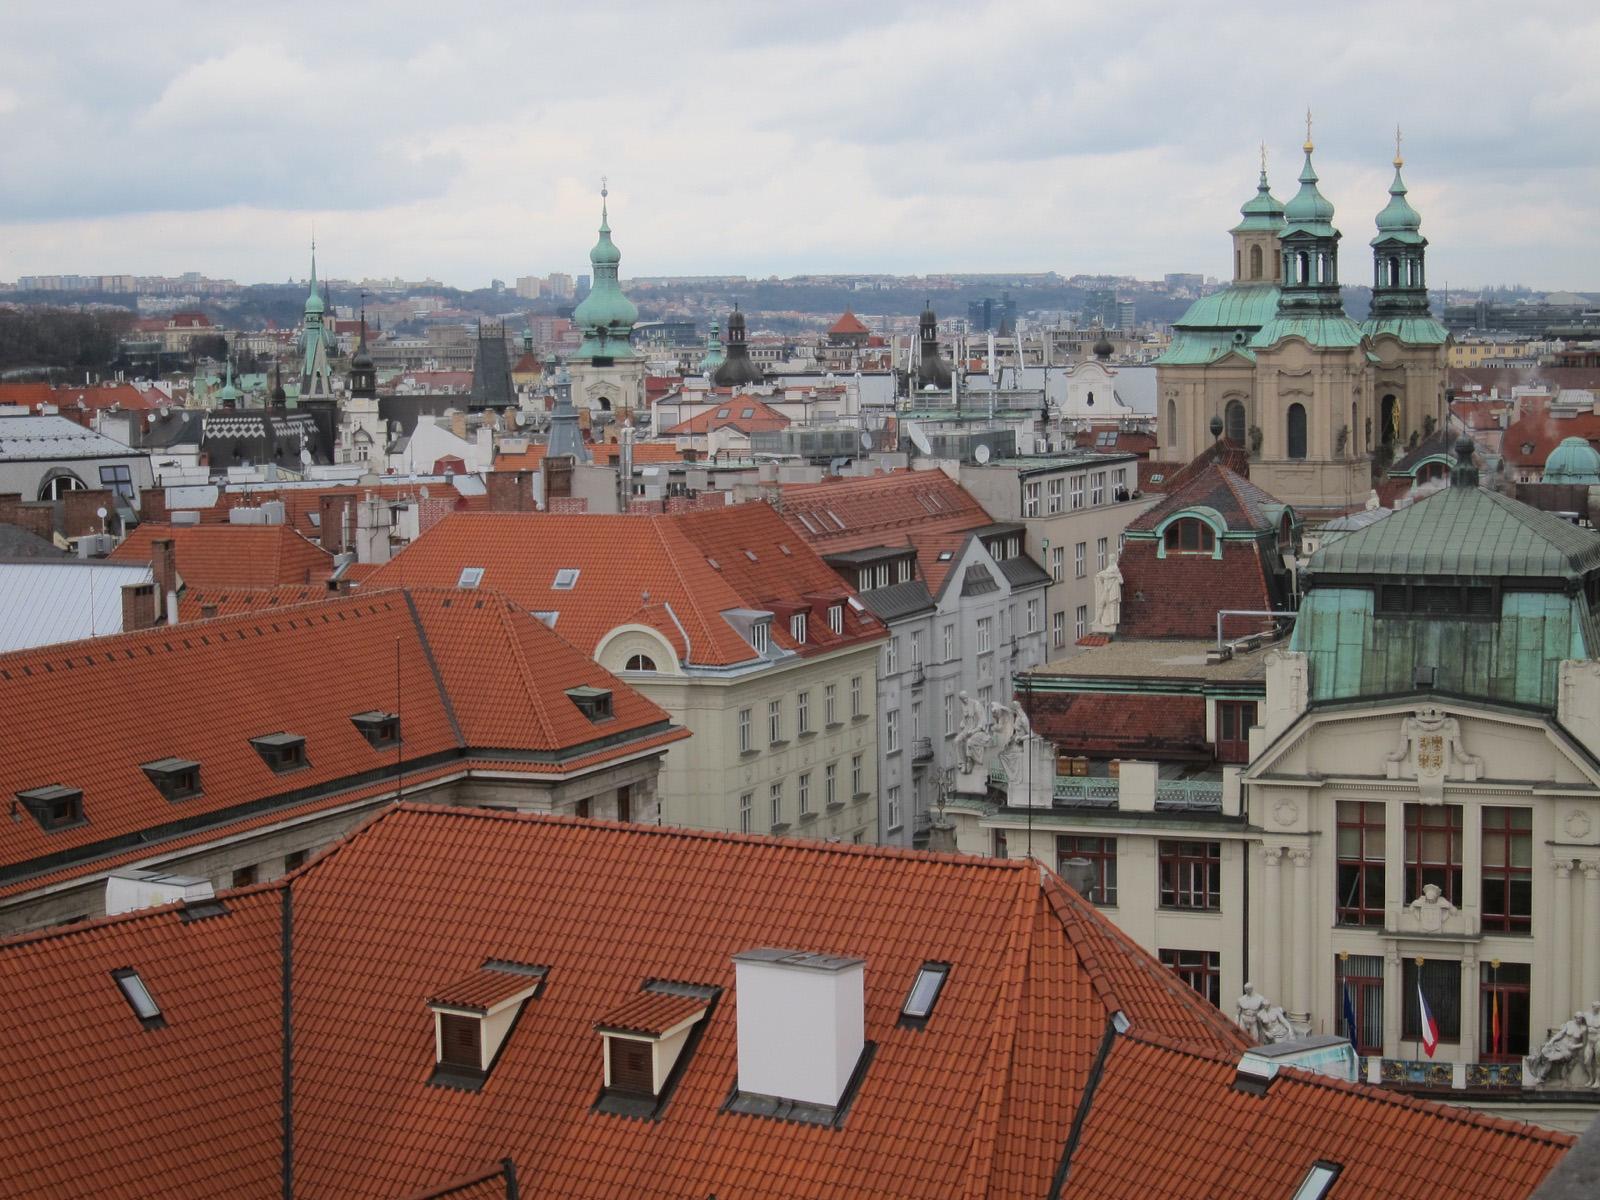 Ciudad de Praga-Republica Checa